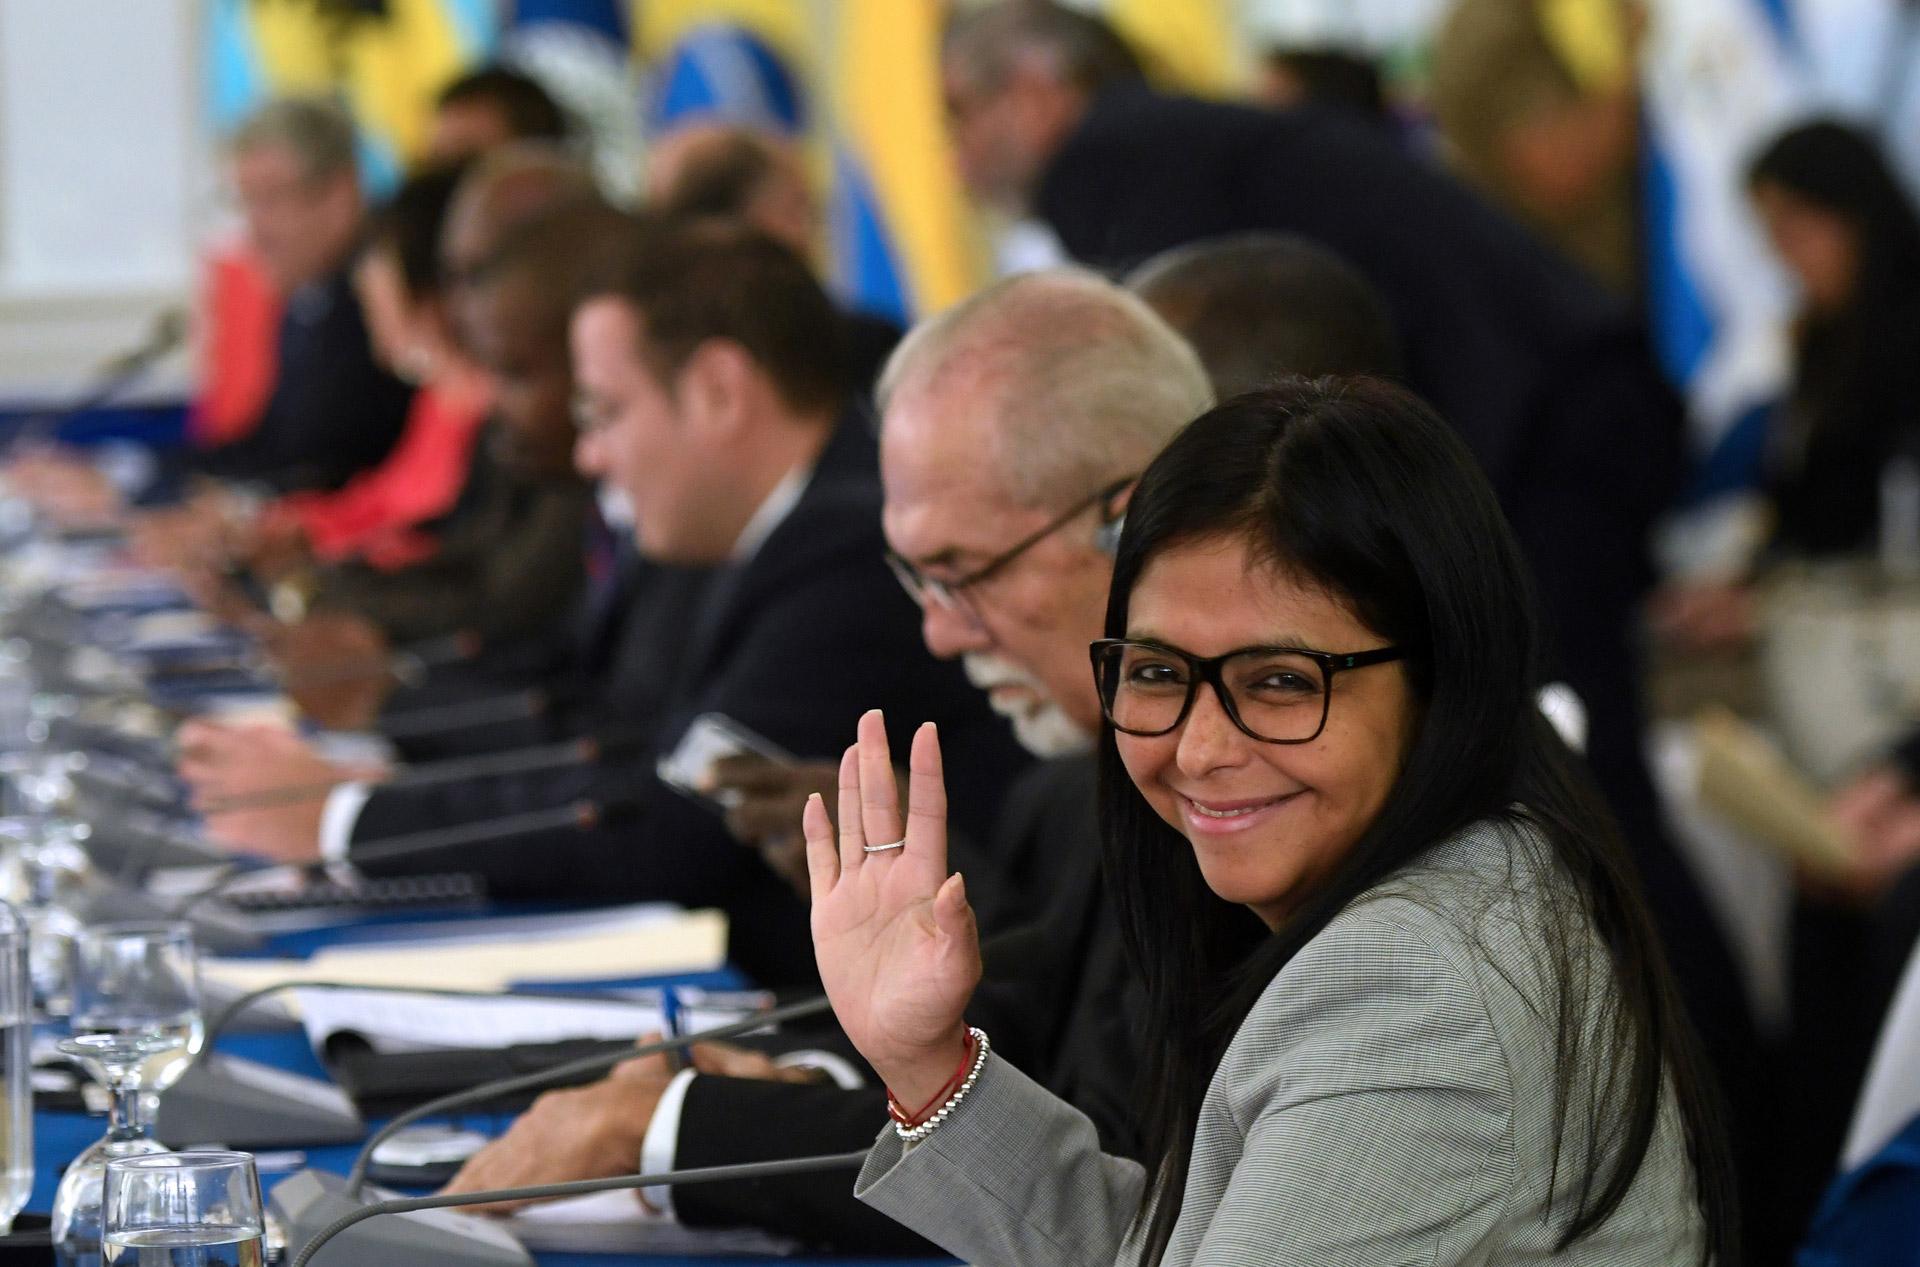 La canciller del gobierno bolivariano de Venezuela, Delcy Rodríguez, sonríe antes del inicio de la sesión Celac Foto: Marvin RECINOS / AFP